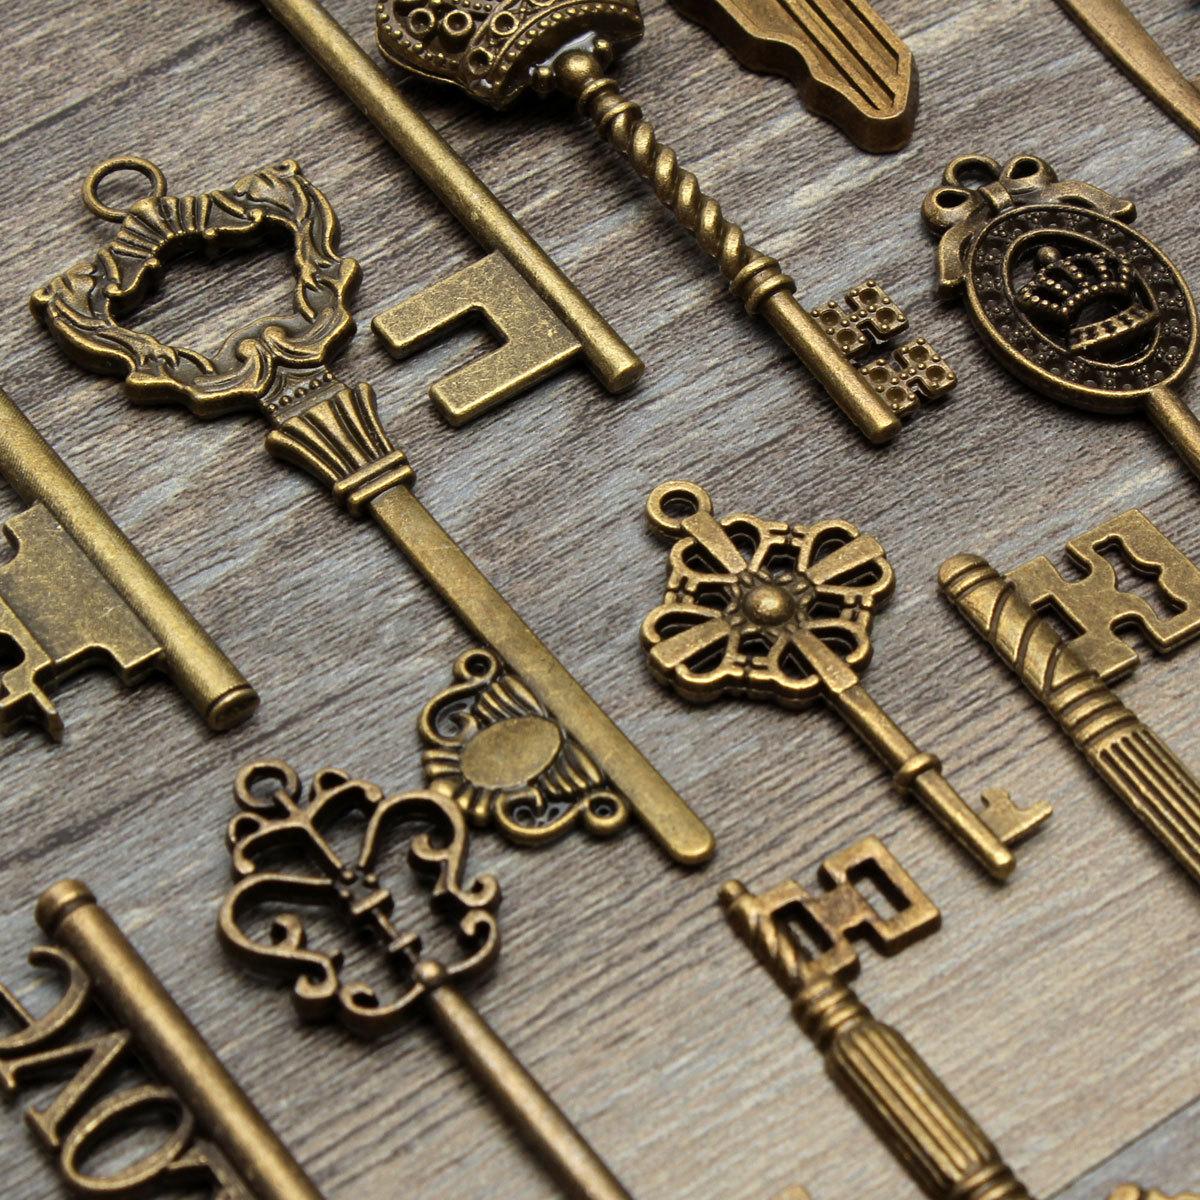 18 Assorted Antique Vintage VTG Old Look Skeleton Keys Bronze Steampunk Pendants 3